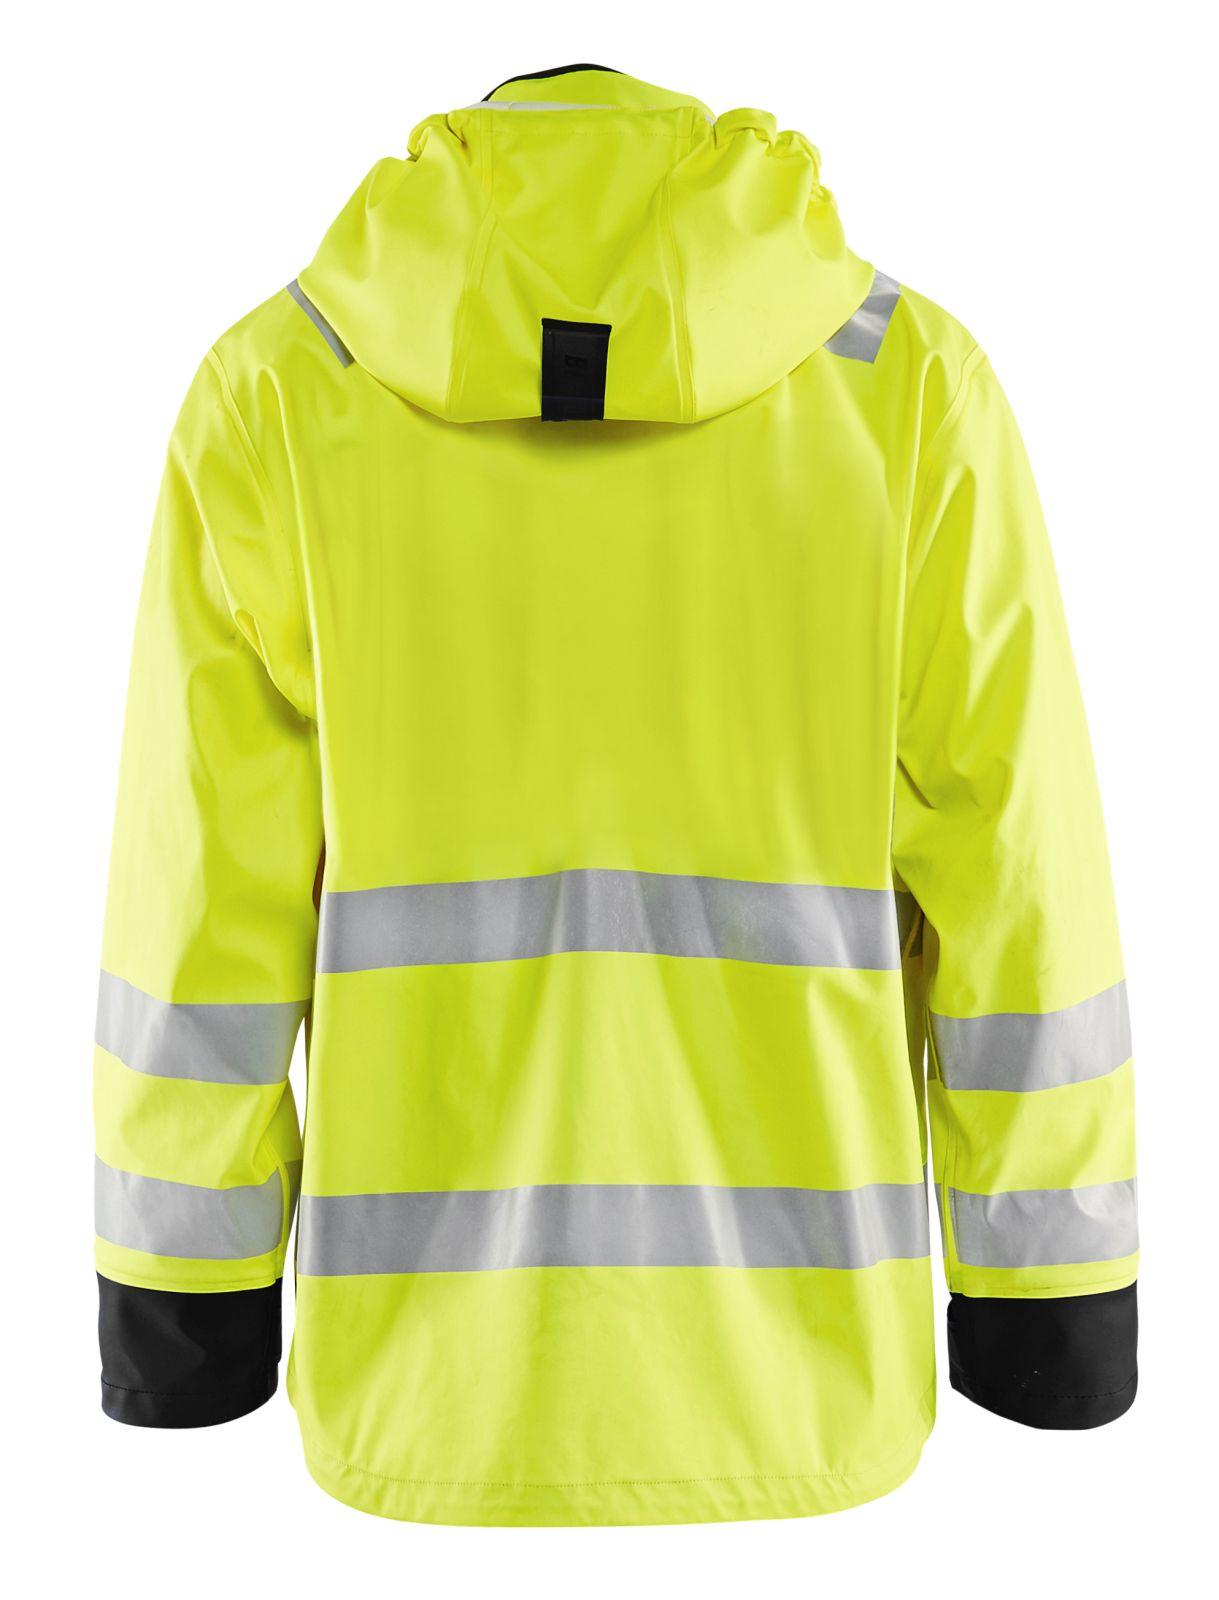 Blaklader Jassen 43272005 High Vis fluo geel-zwart(3399)